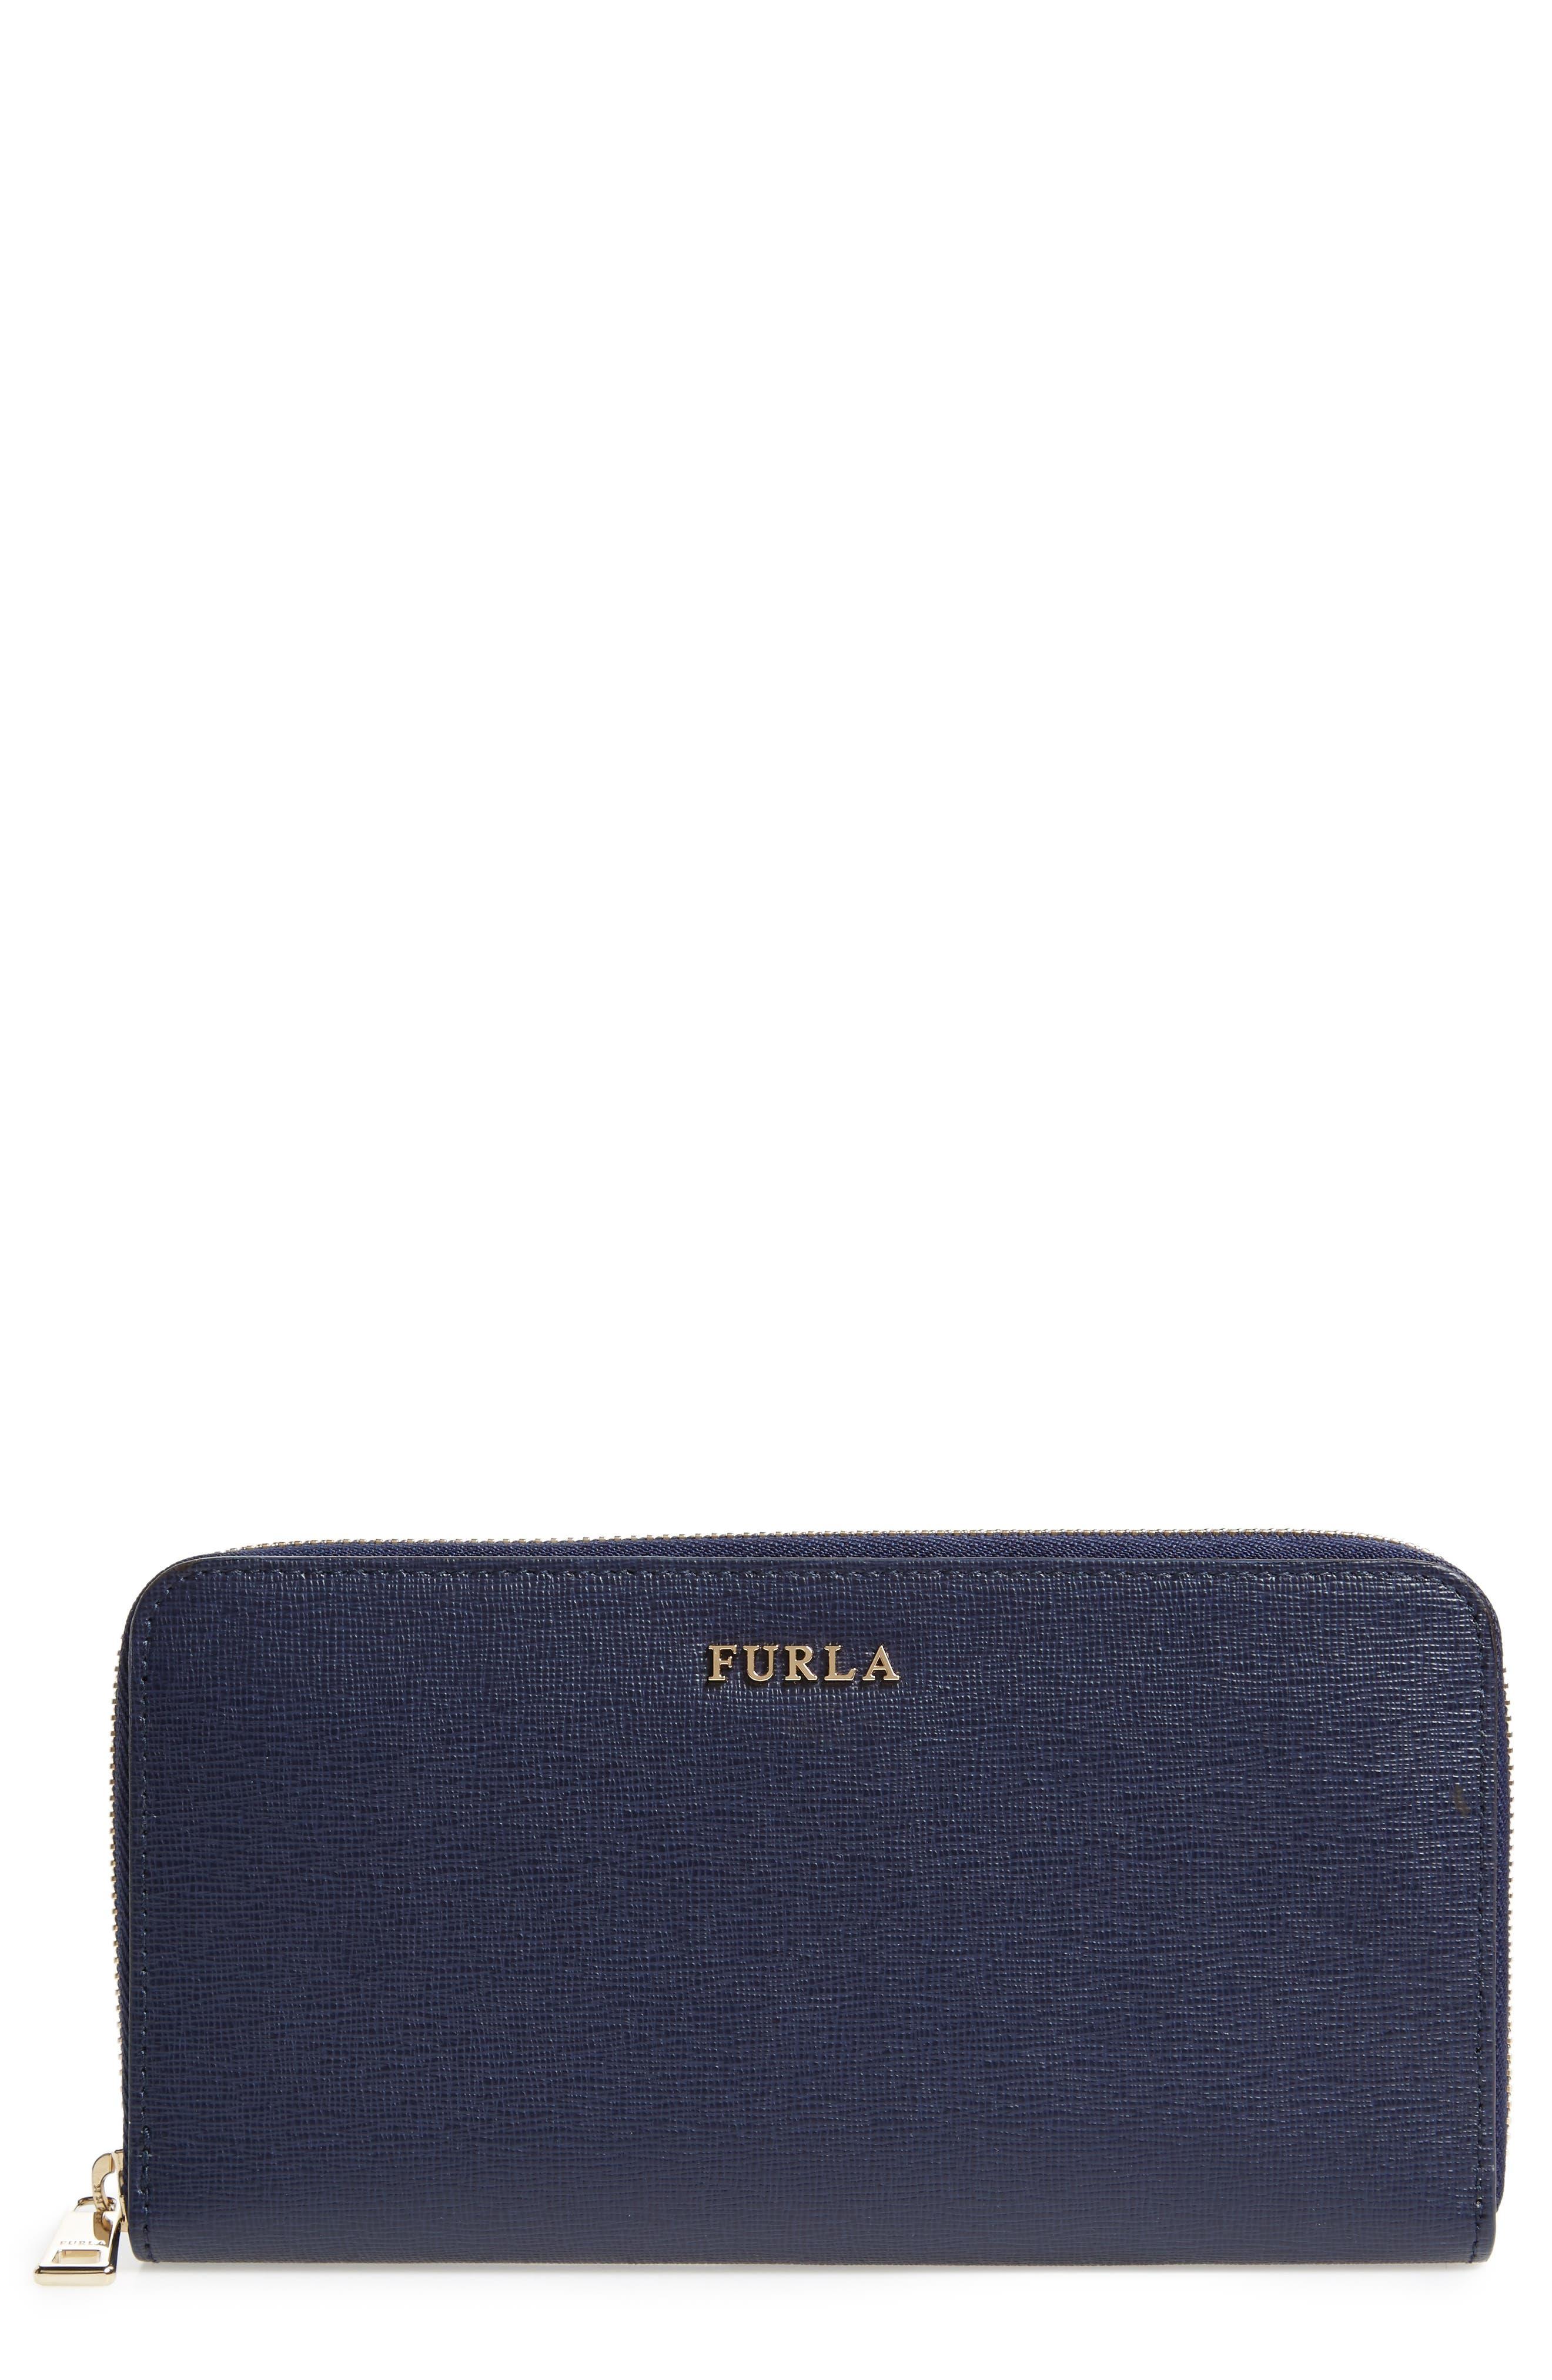 Furla XL Babylon Saffiano Leather Zip Around Wallet